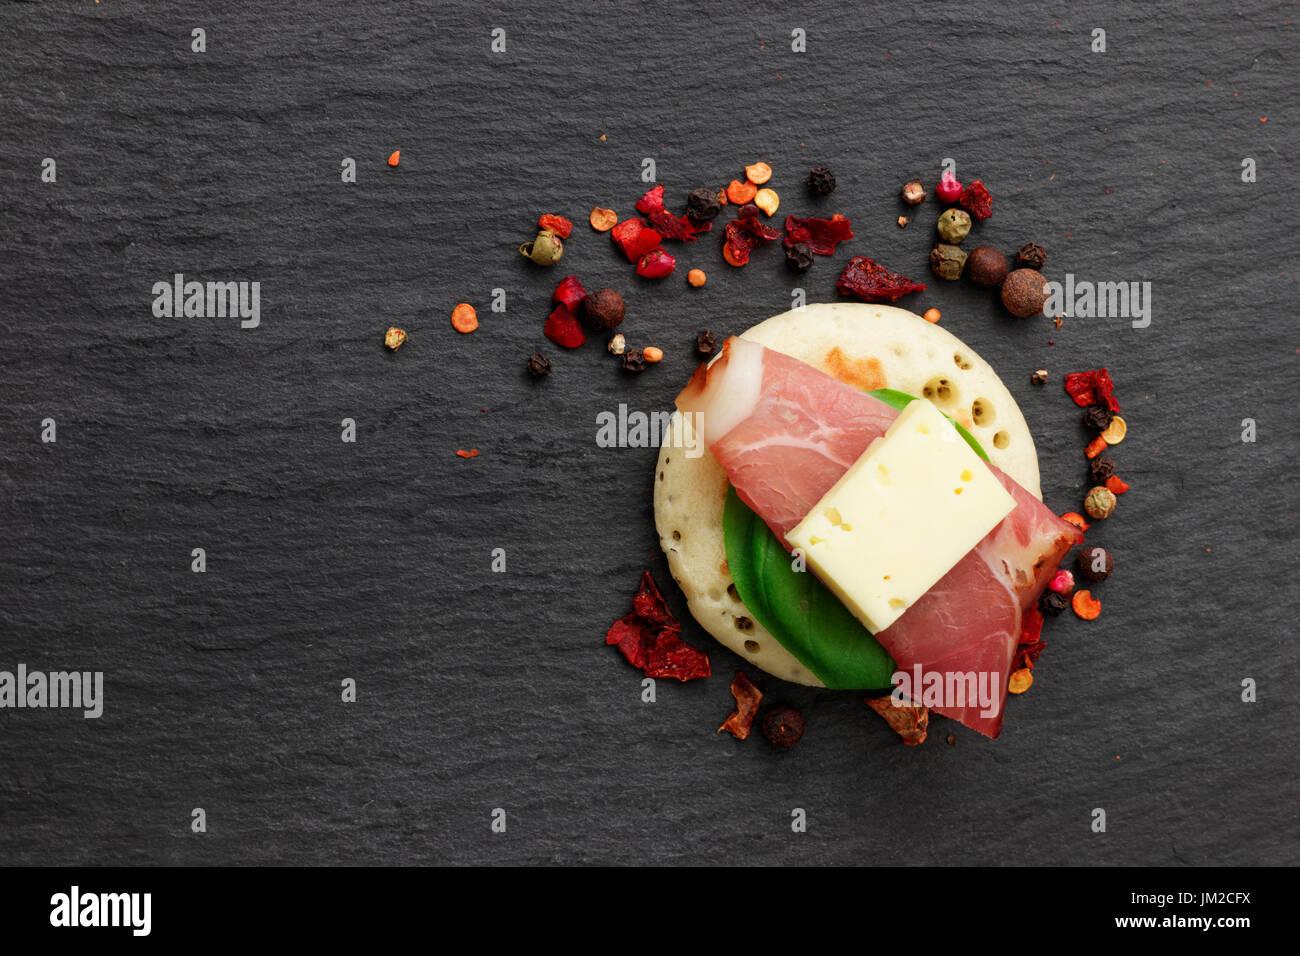 Panqueque casero canapés en piedra pizarra placa para alimento del dedo parte Imagen De Stock